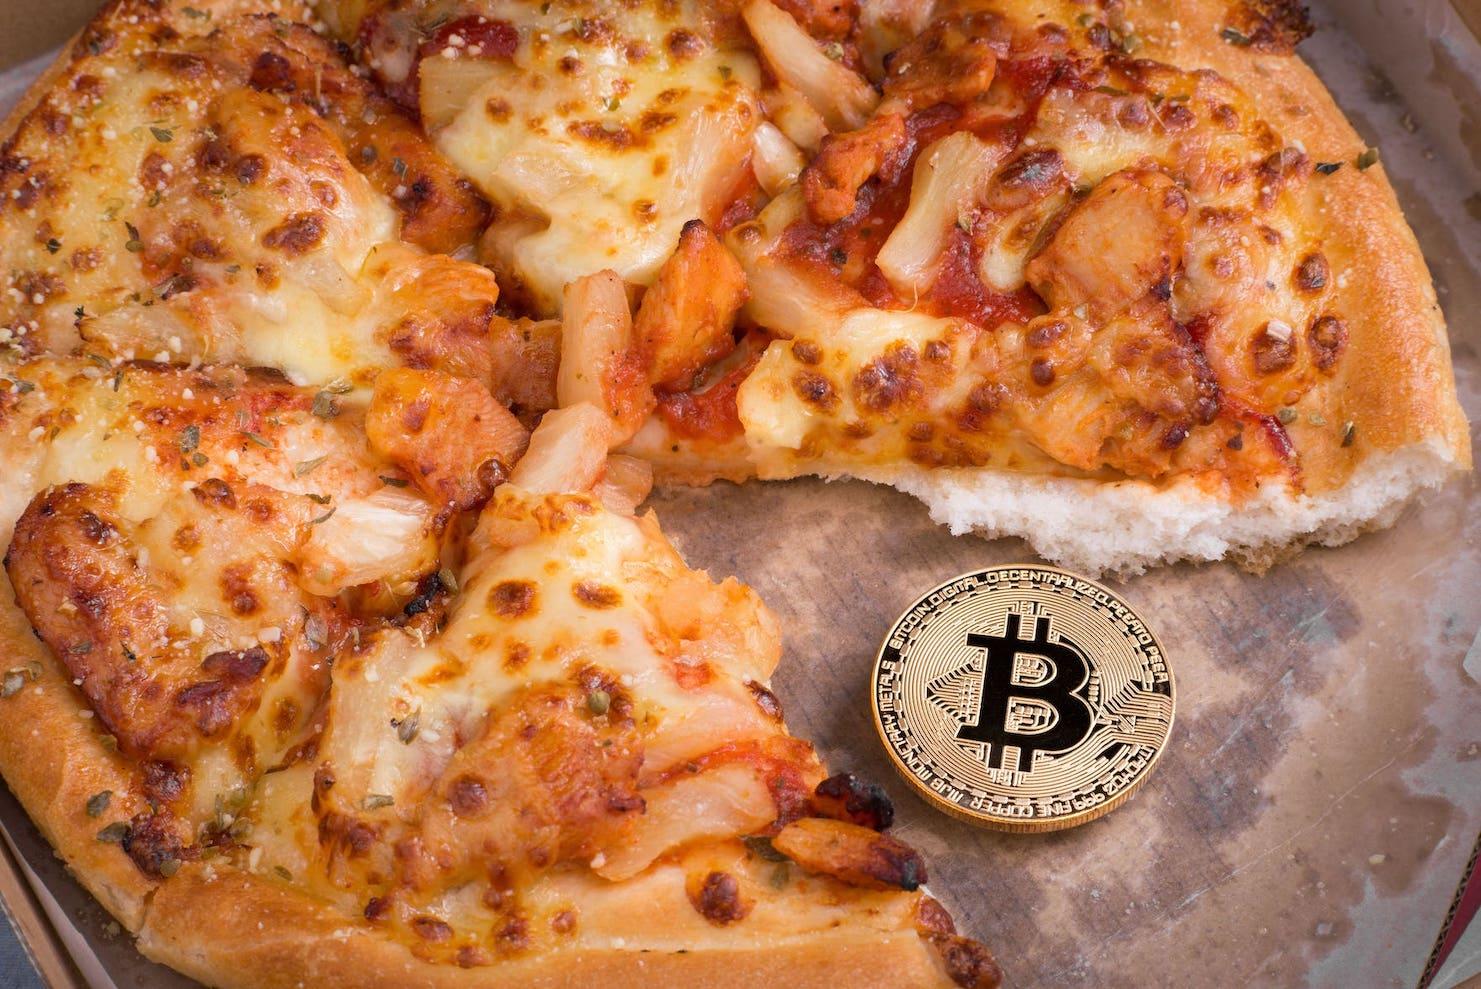 ビットコインピザとは?初めて交換された時の値段や歴史について